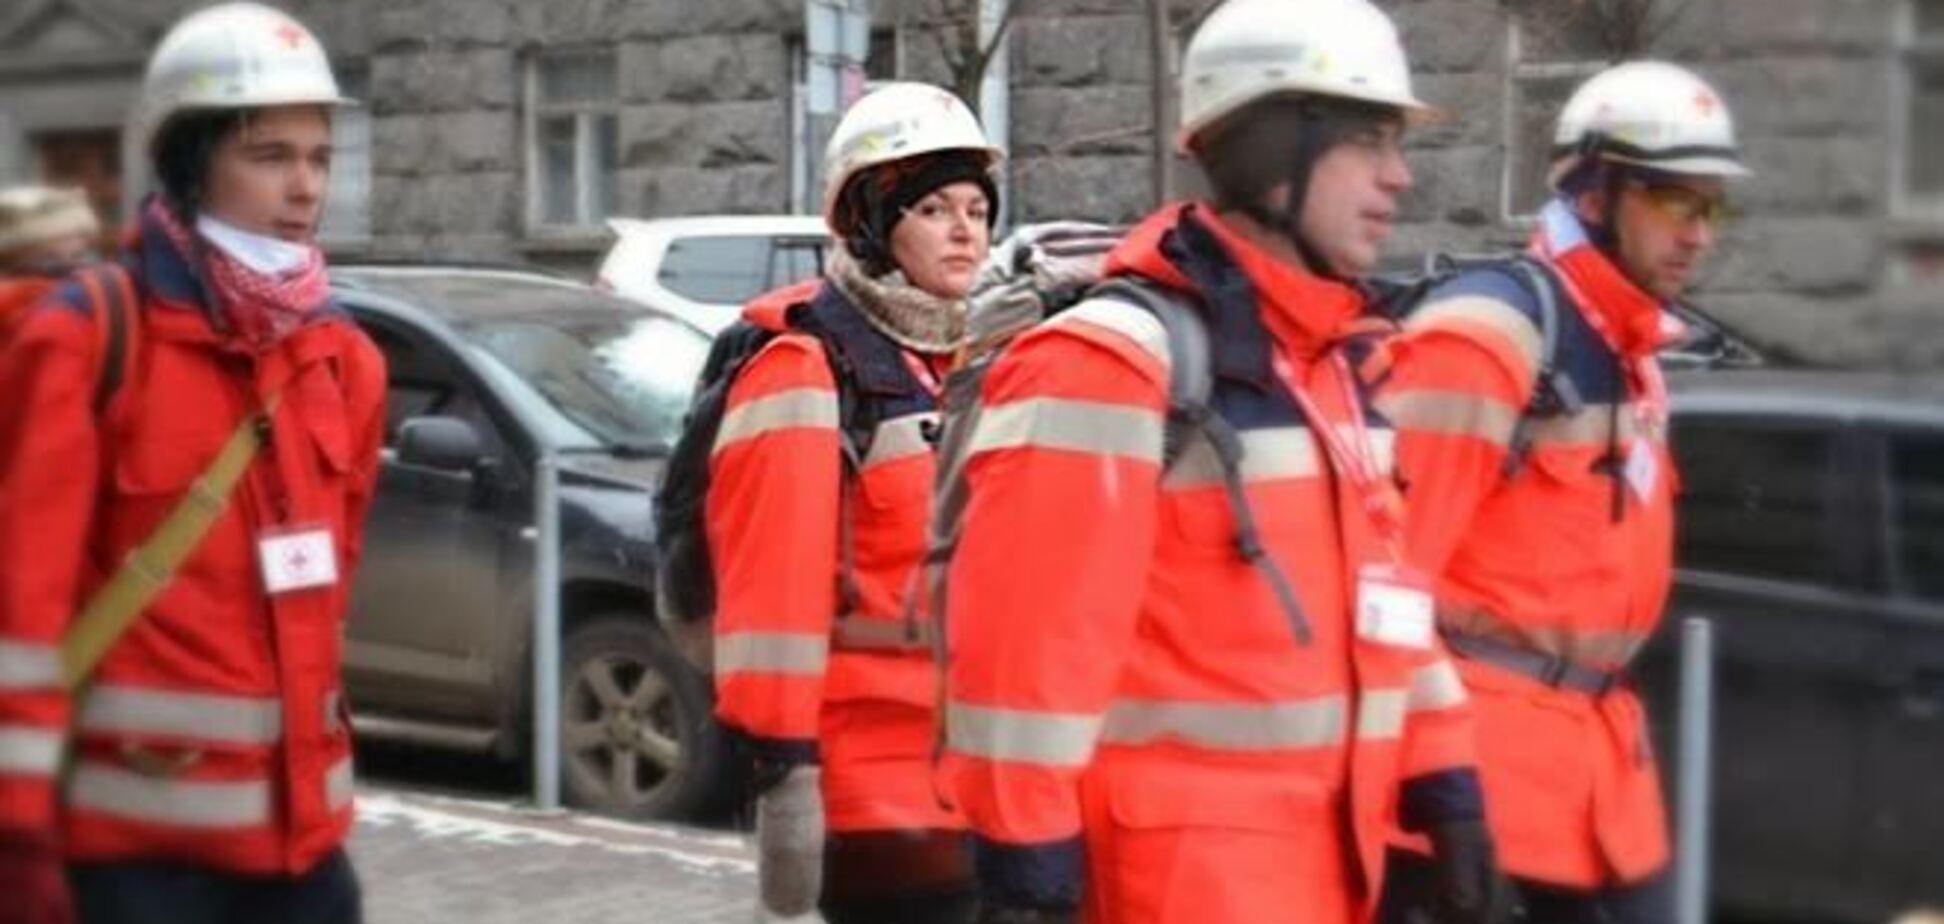 Чешским врачам удалось спасти евромайдановца с четырьмя пулями в голове